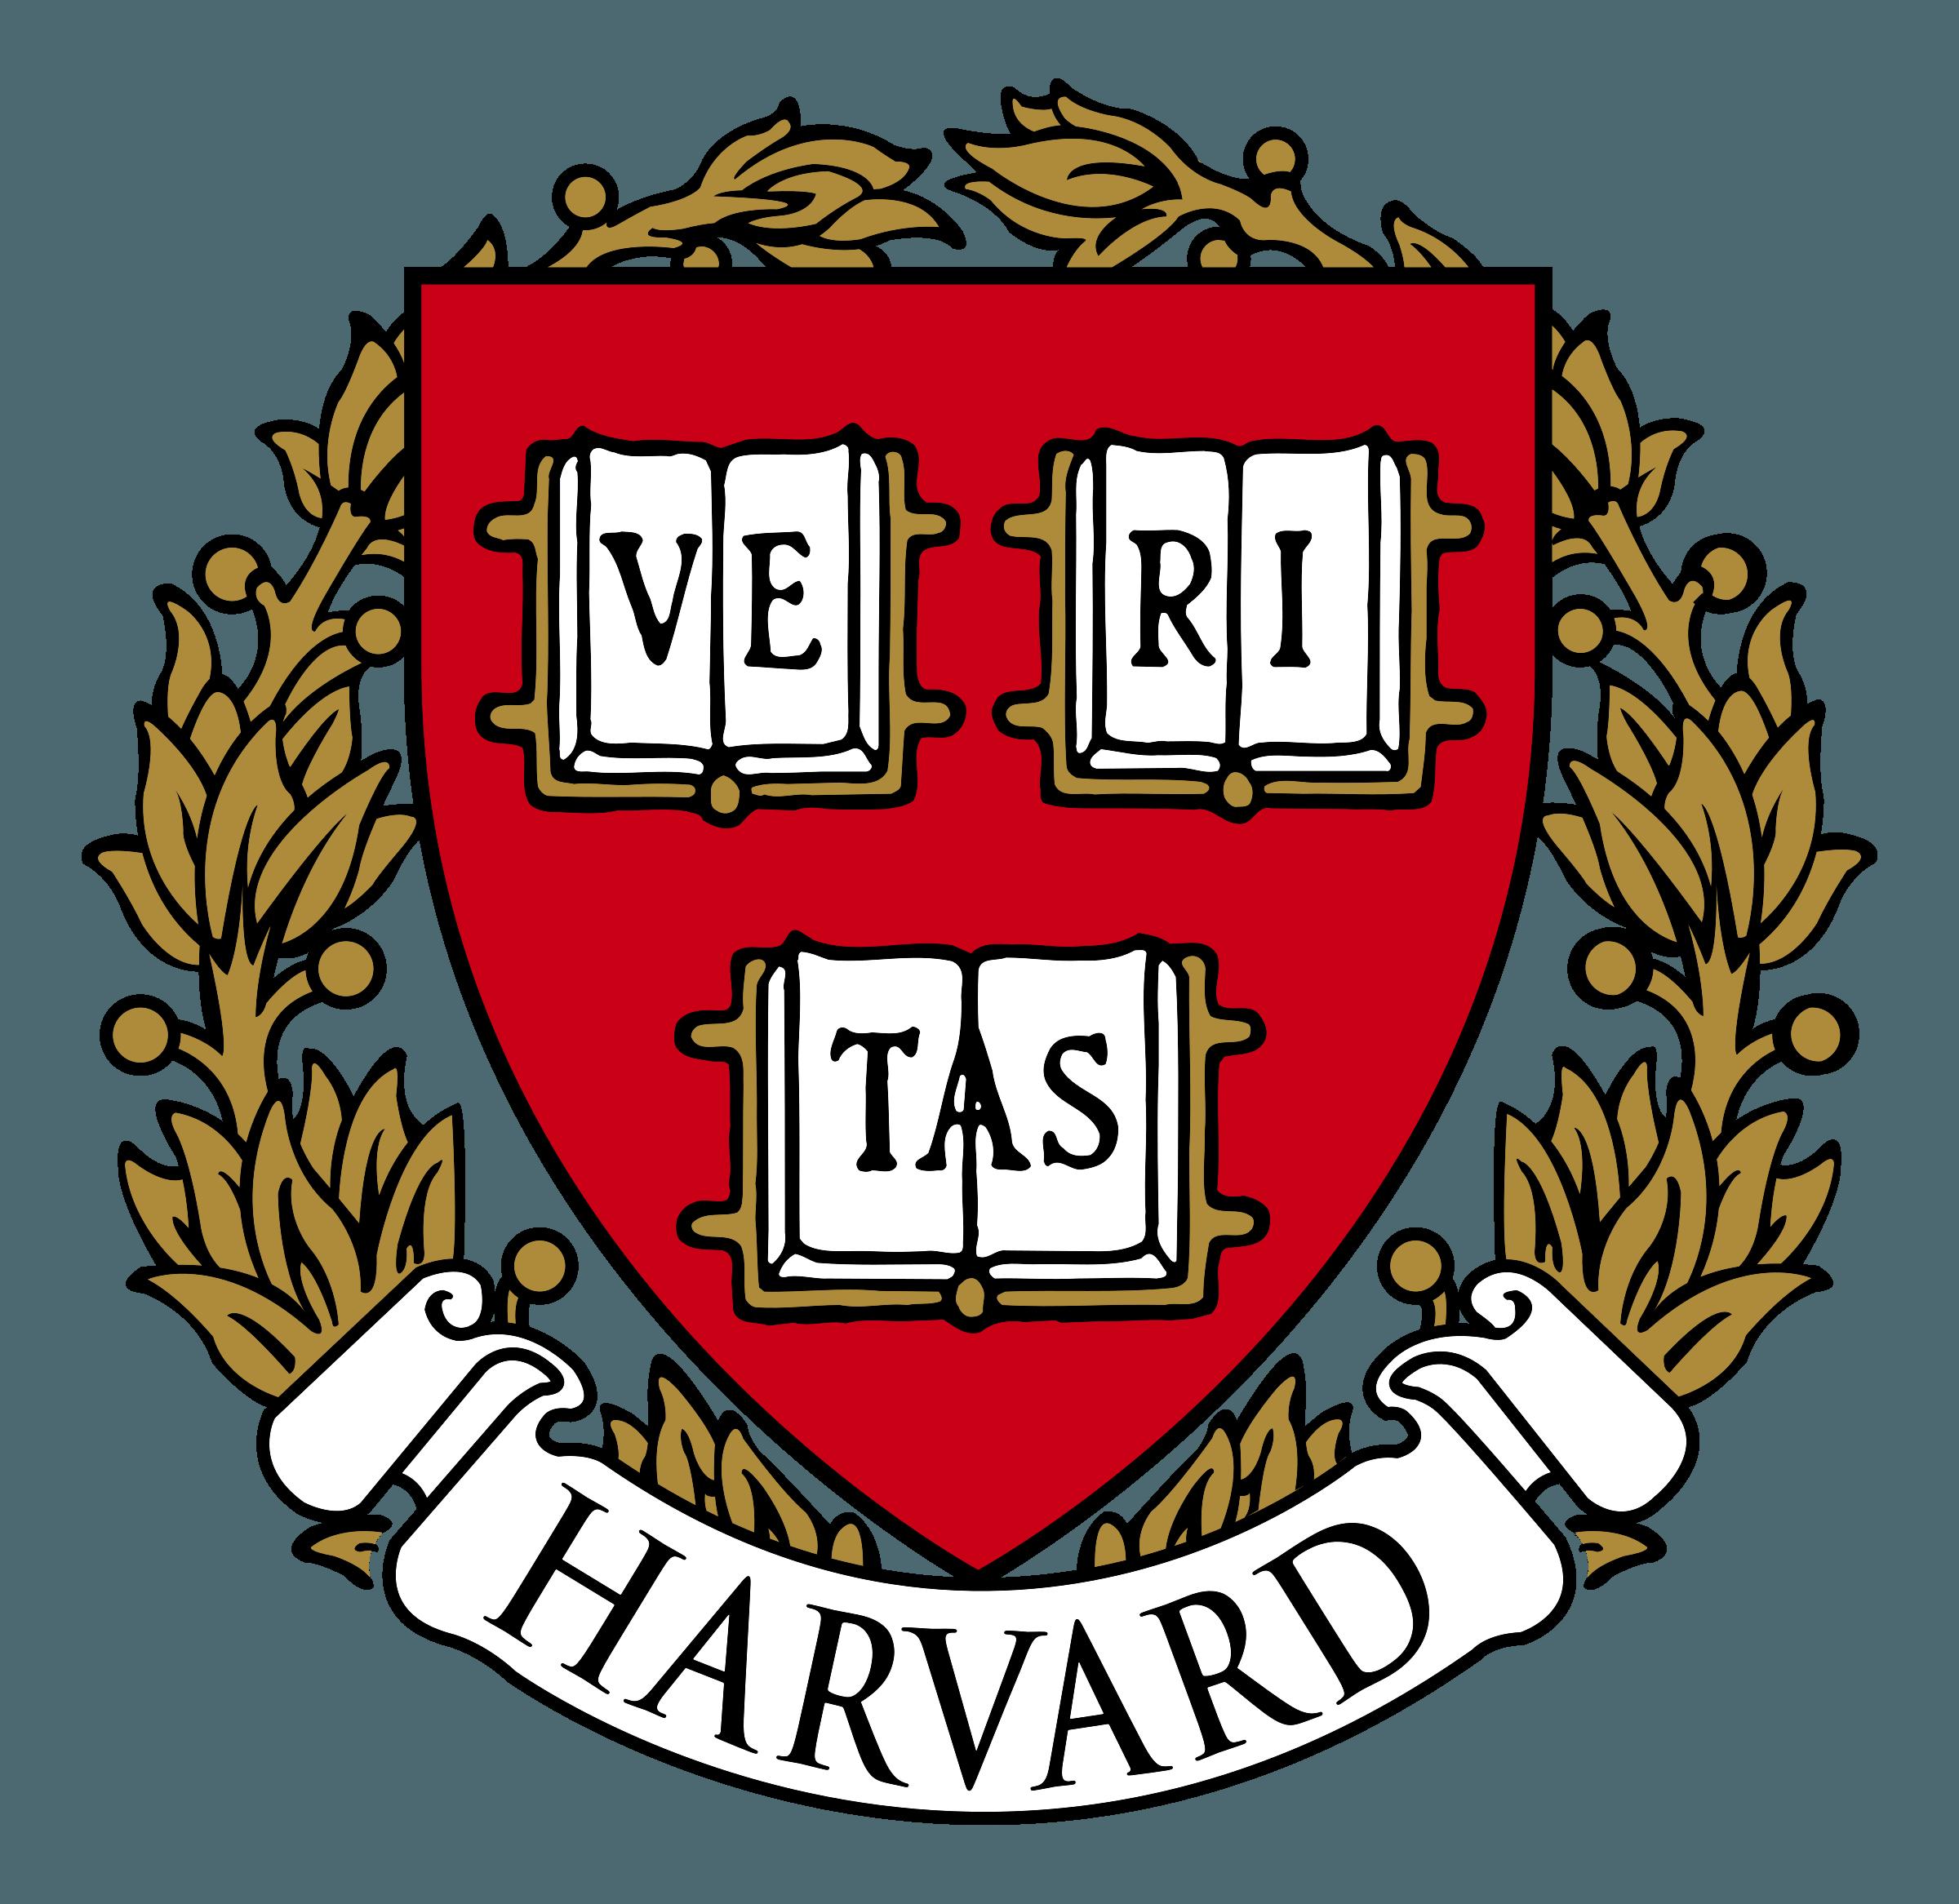 jpg free download Harvard logo png transparent. Vector emblem crest